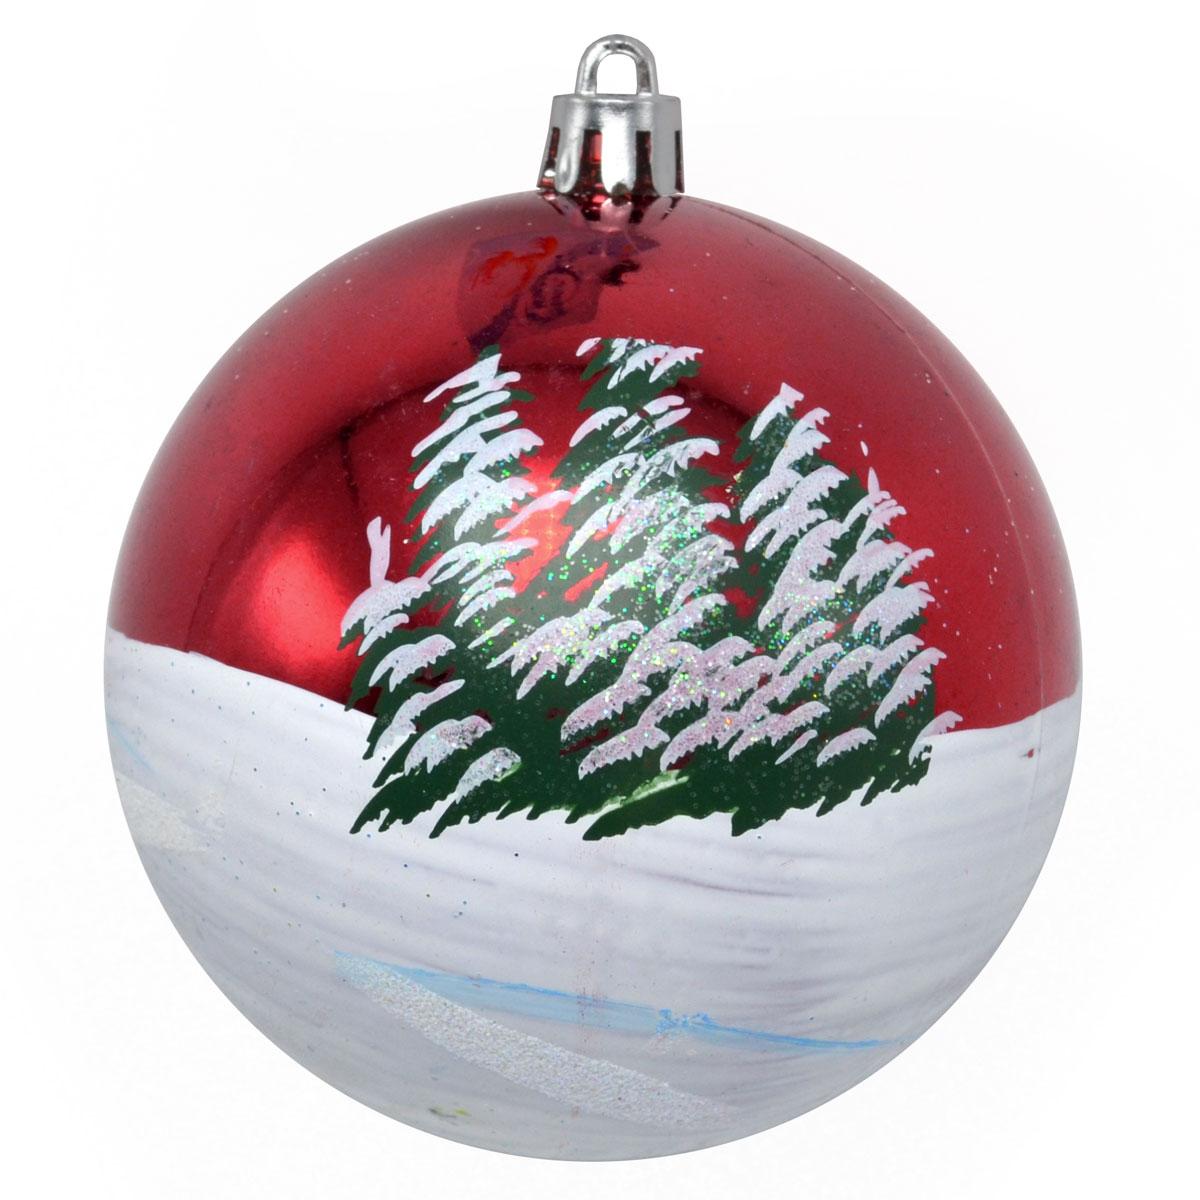 Новогоднее подвесное украшение Winter Wings Шар. Роспись, диаметр 8 смN181869Новогоднее подвесное украшение Winter Wings отлично подойдет для декорации вашего дома и новогодней ели. Новогоднее украшение можно повесить в любом понравившемся вам месте. Но, конечно, удачнее всего оно будет смотреться на праздничной елке.Елочная игрушка - символ Нового года. Она несет в себе волшебство и красоту праздника. Такое украшение создаст в вашем доме атмосферу праздника, веселья и радости.